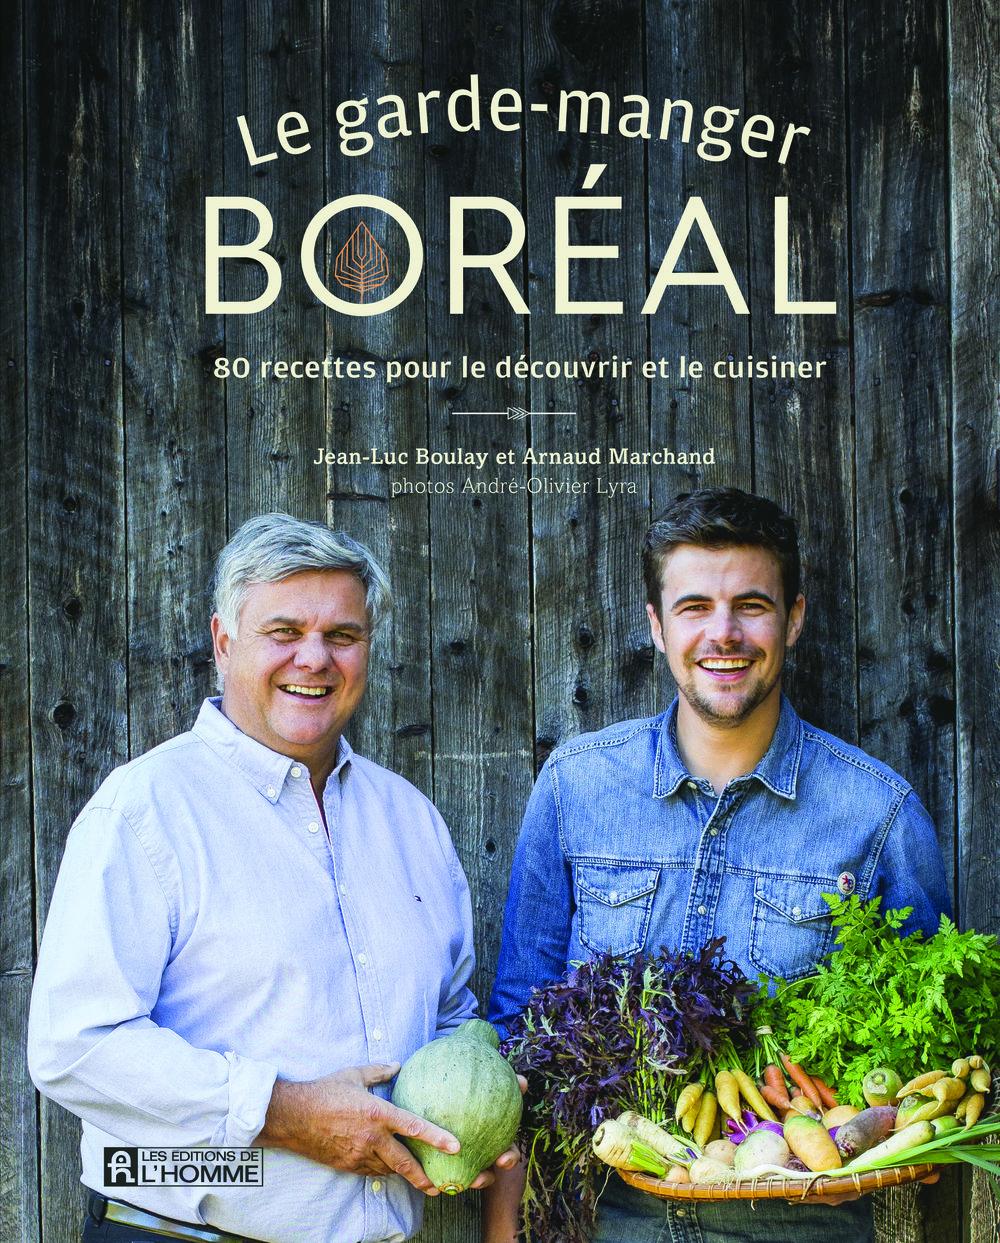 Procurez-vous le livre  Le garde-manger boréal  pour avoir une foule d'idées géniales permettant d'inclure les saveurs d'ici dans votre assiette.